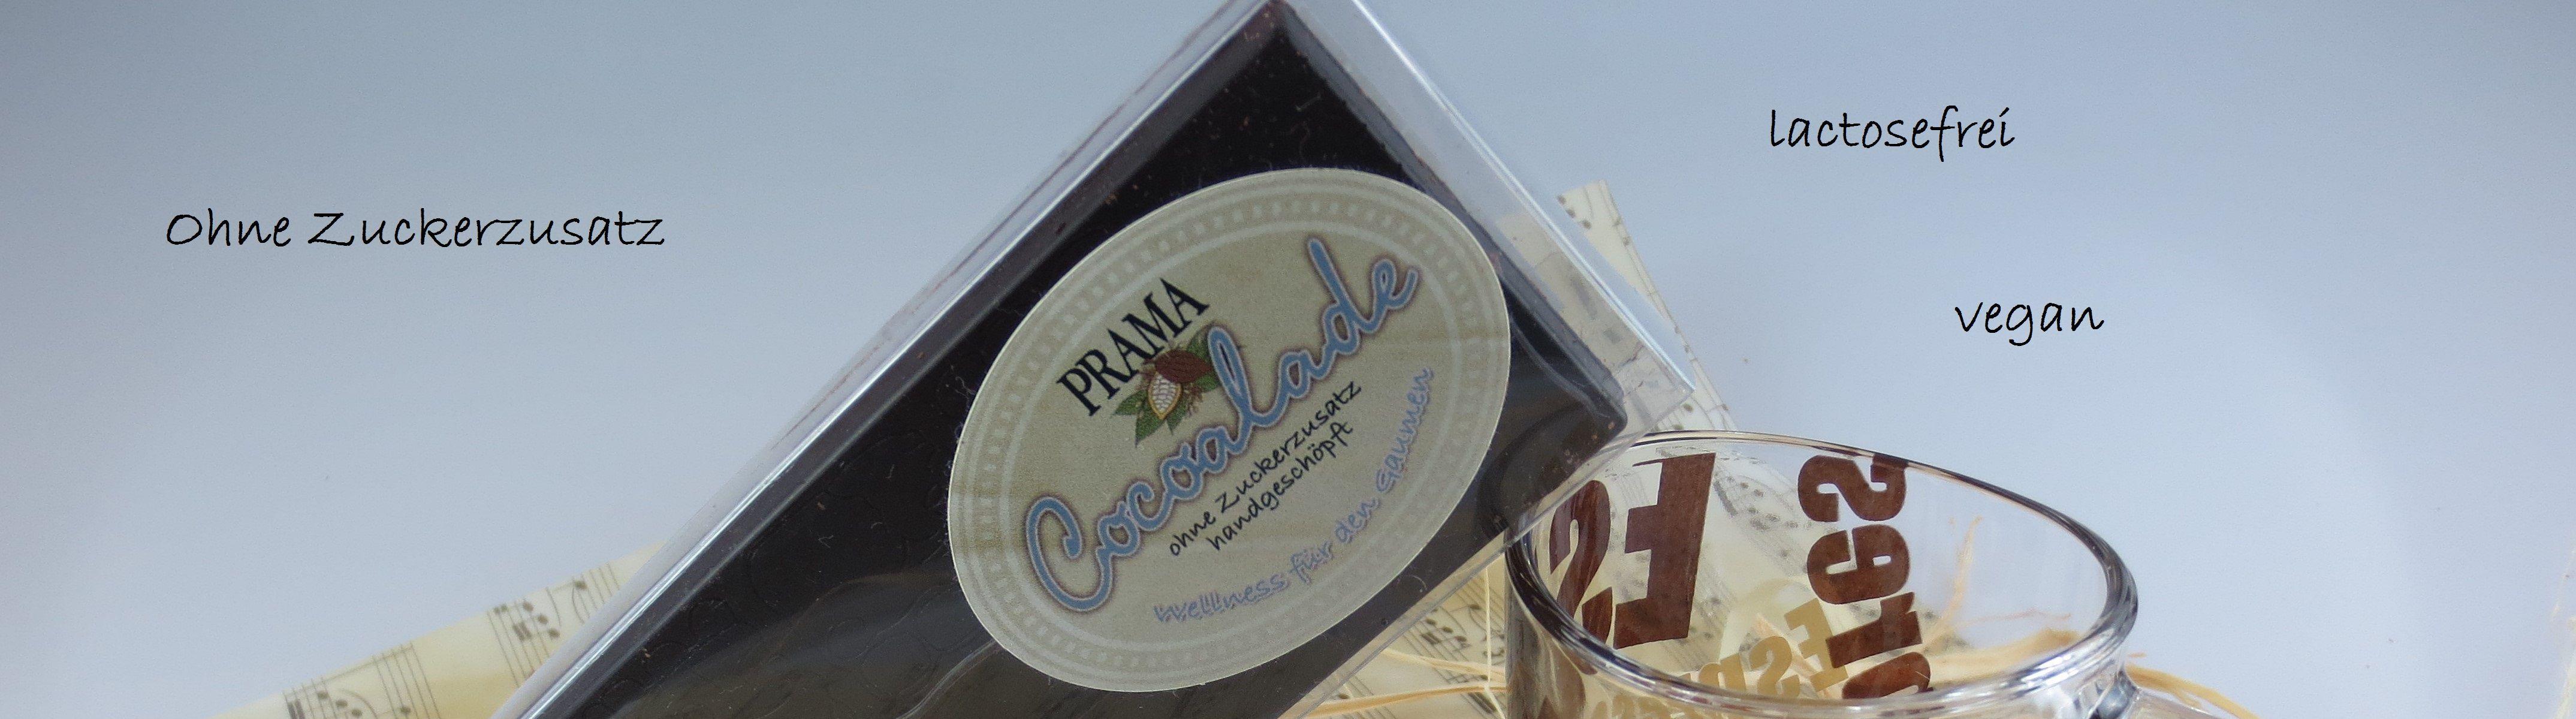 Schokolade zuckerfrei lactosefrei vegan handgemacht